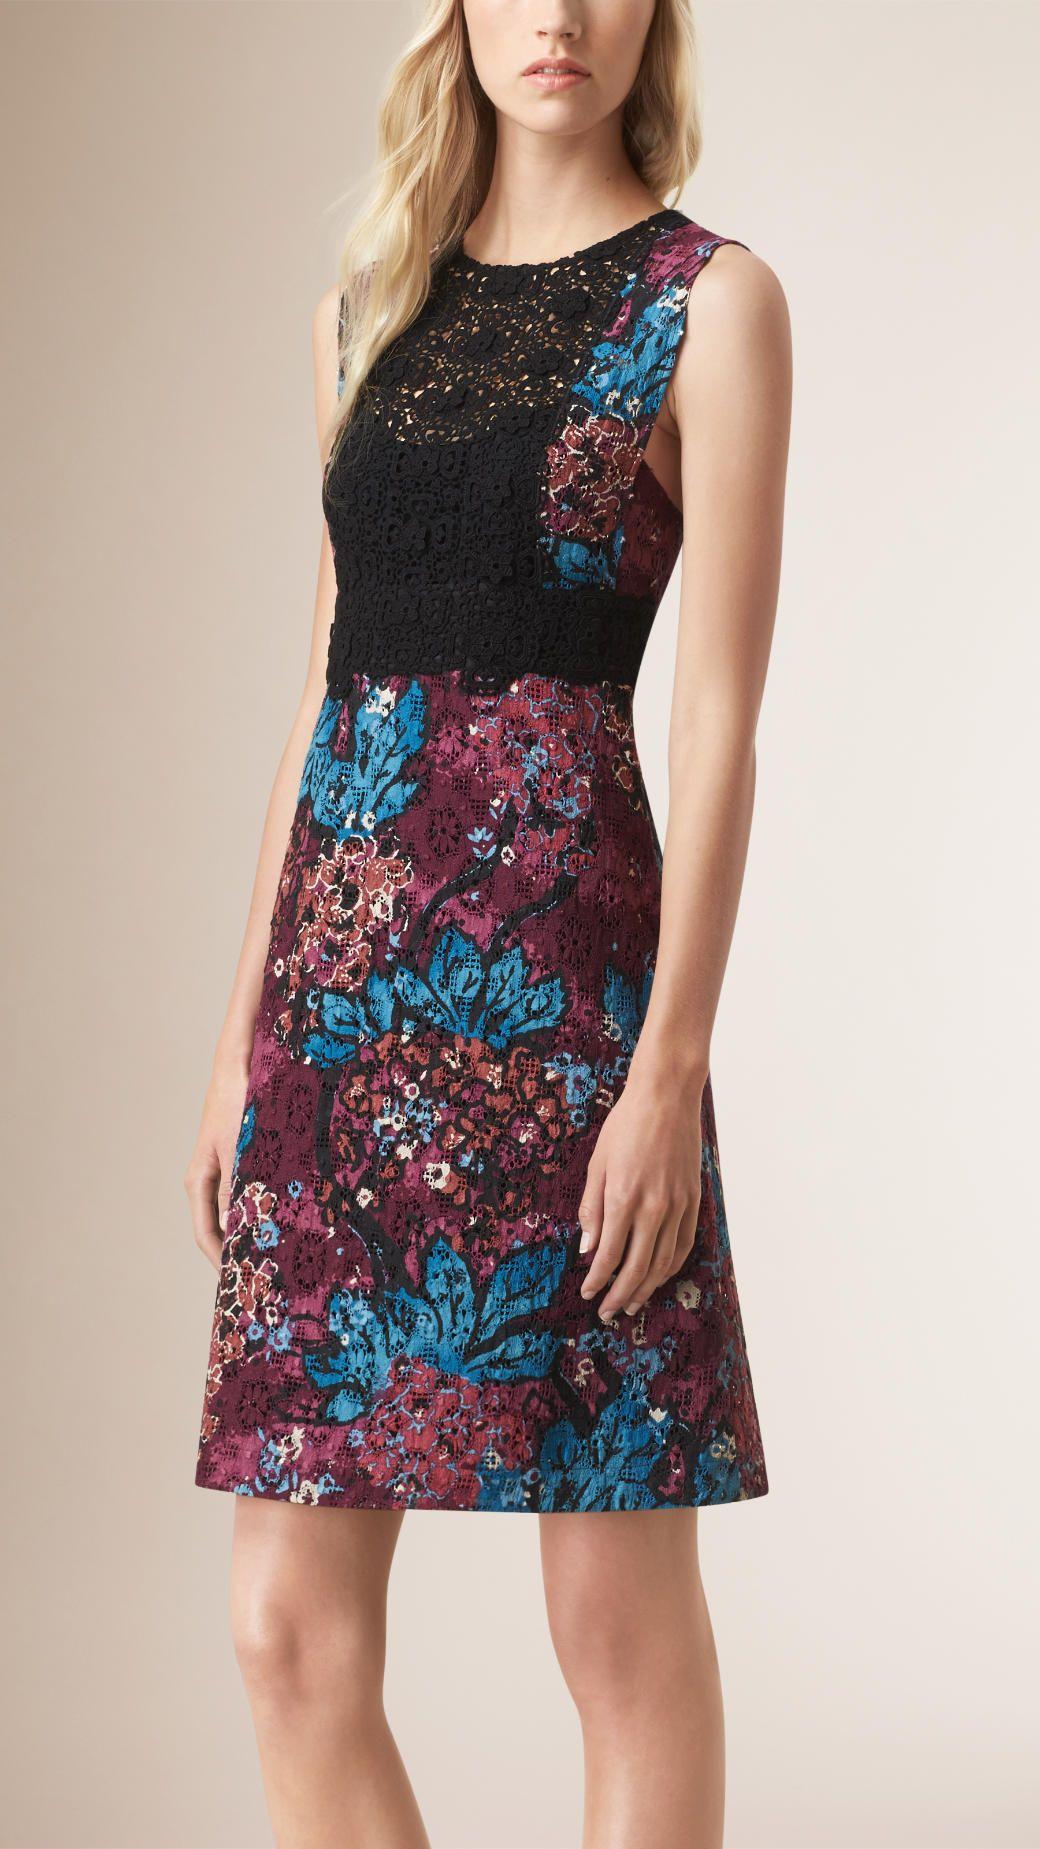 Robe droite en dentelle anglaise avec imprimé floral | Burberry